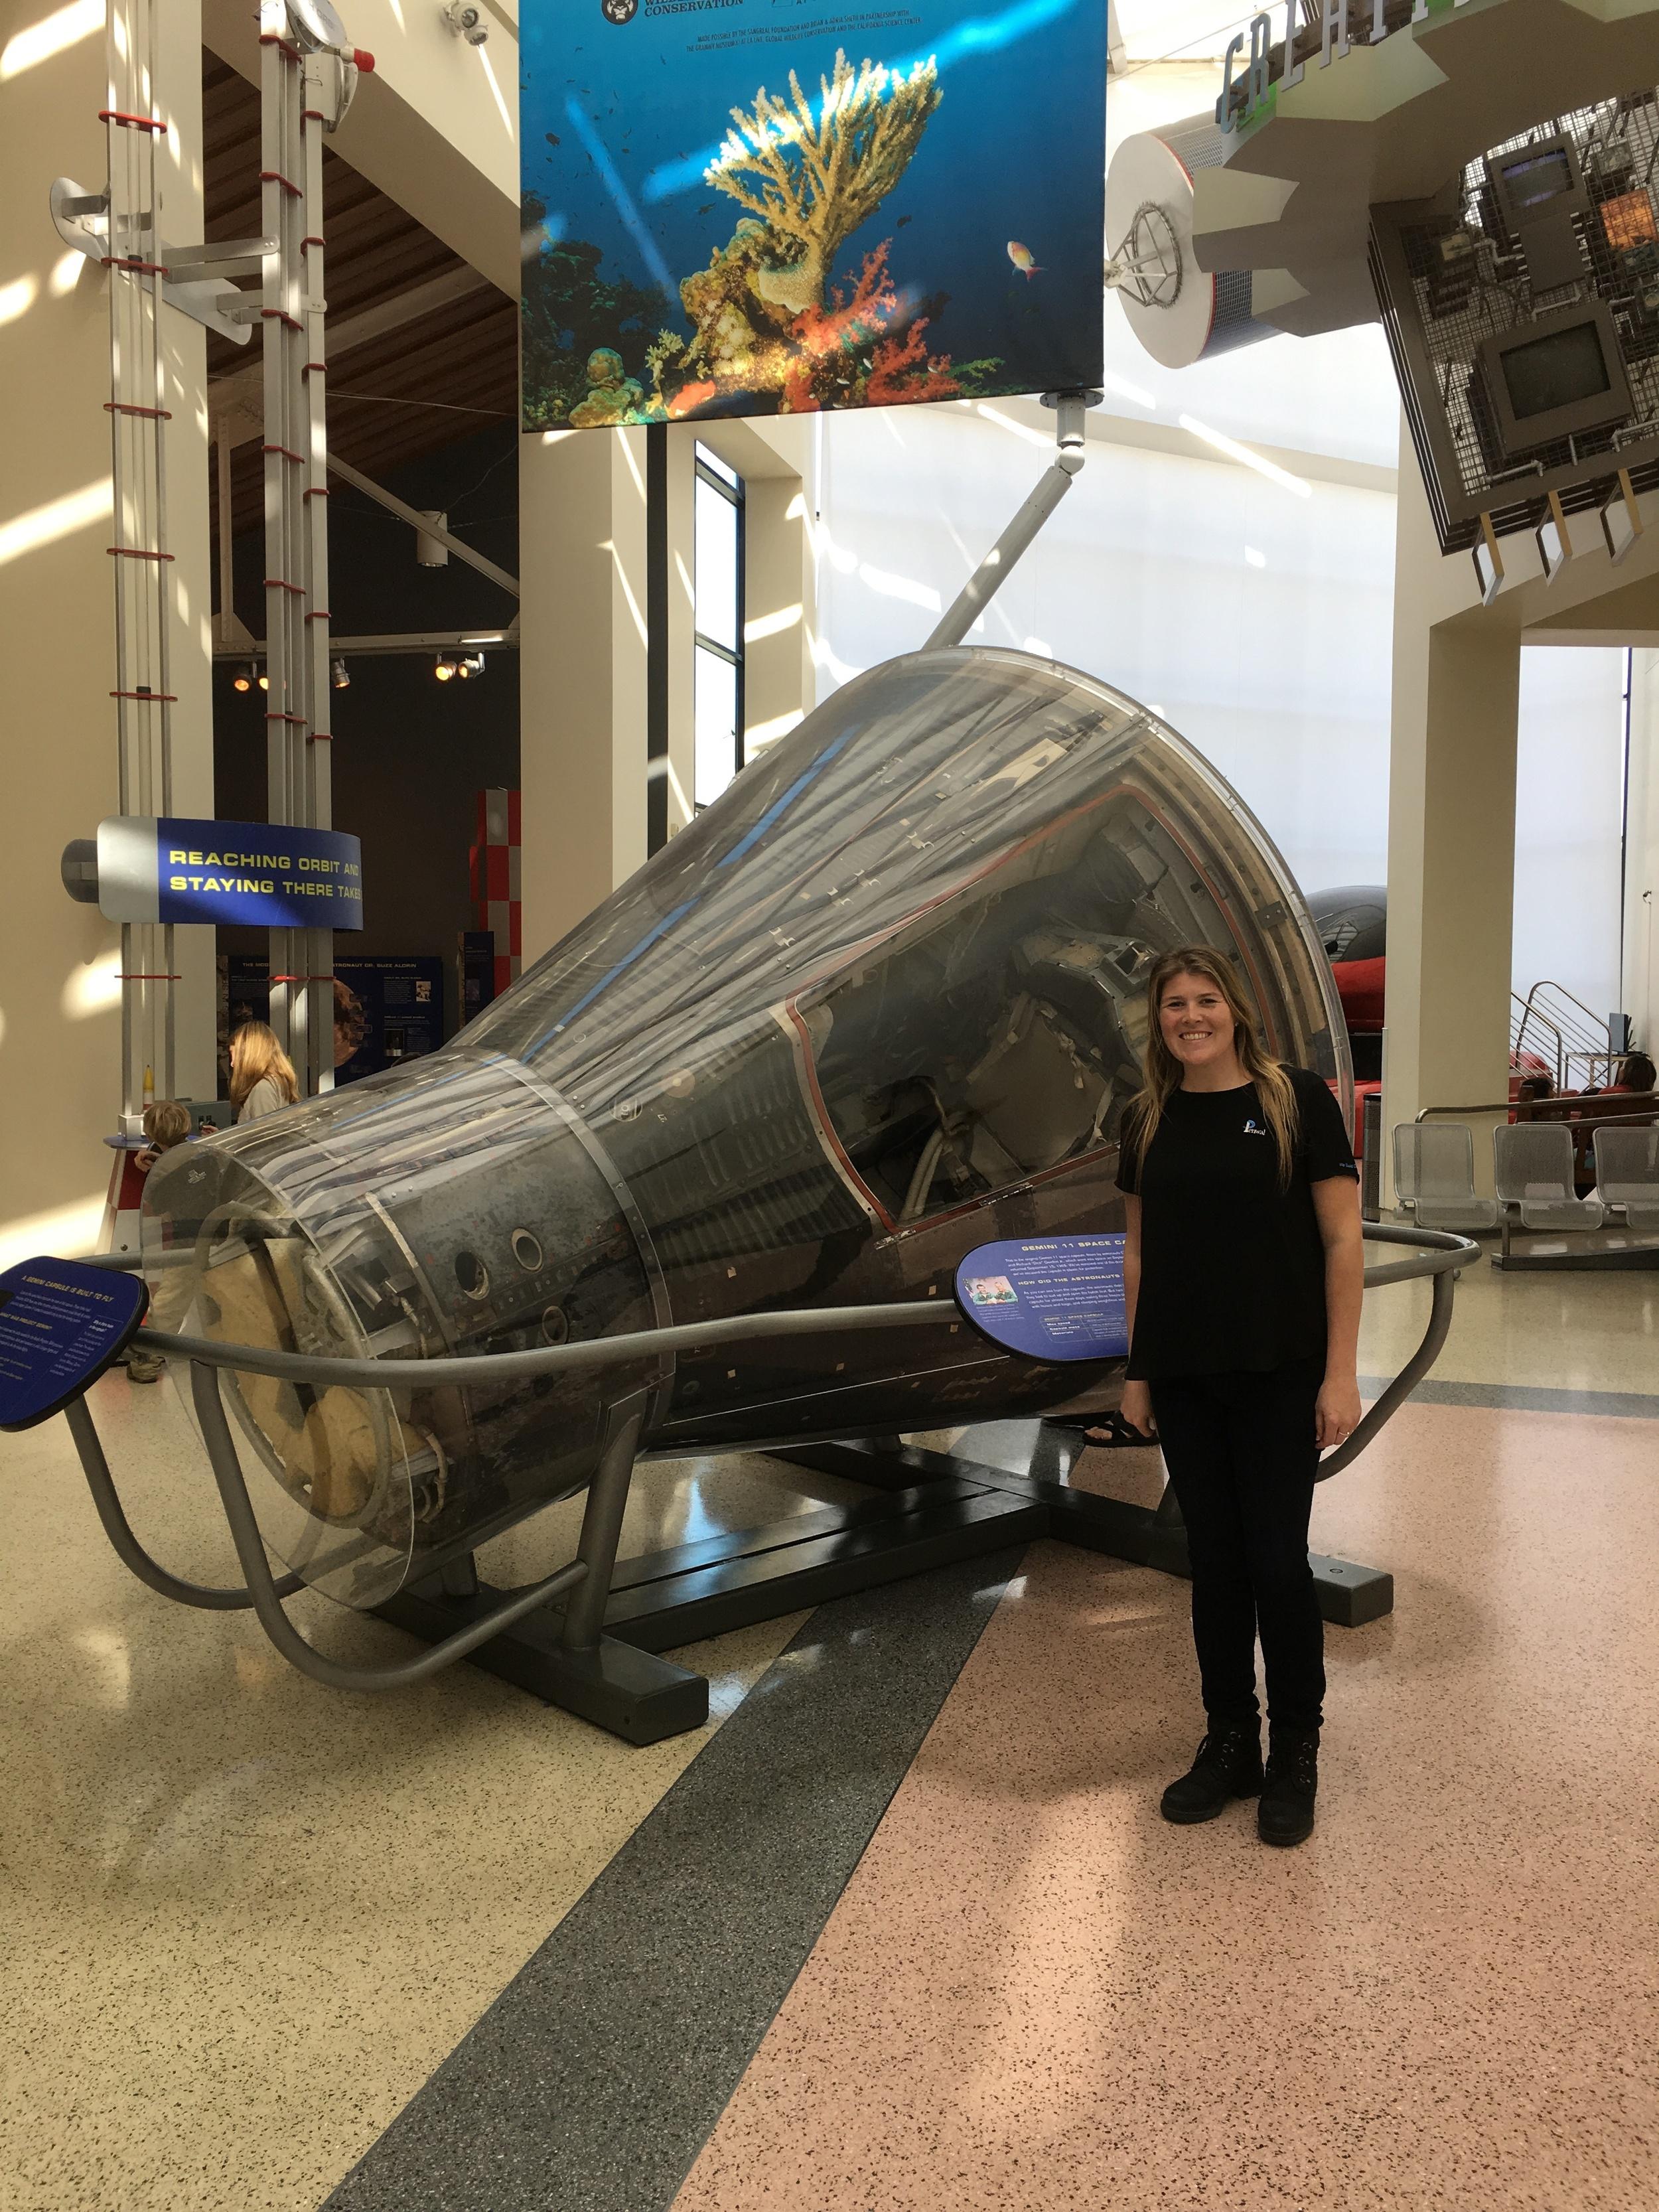 Gemini 11 - California Science Center